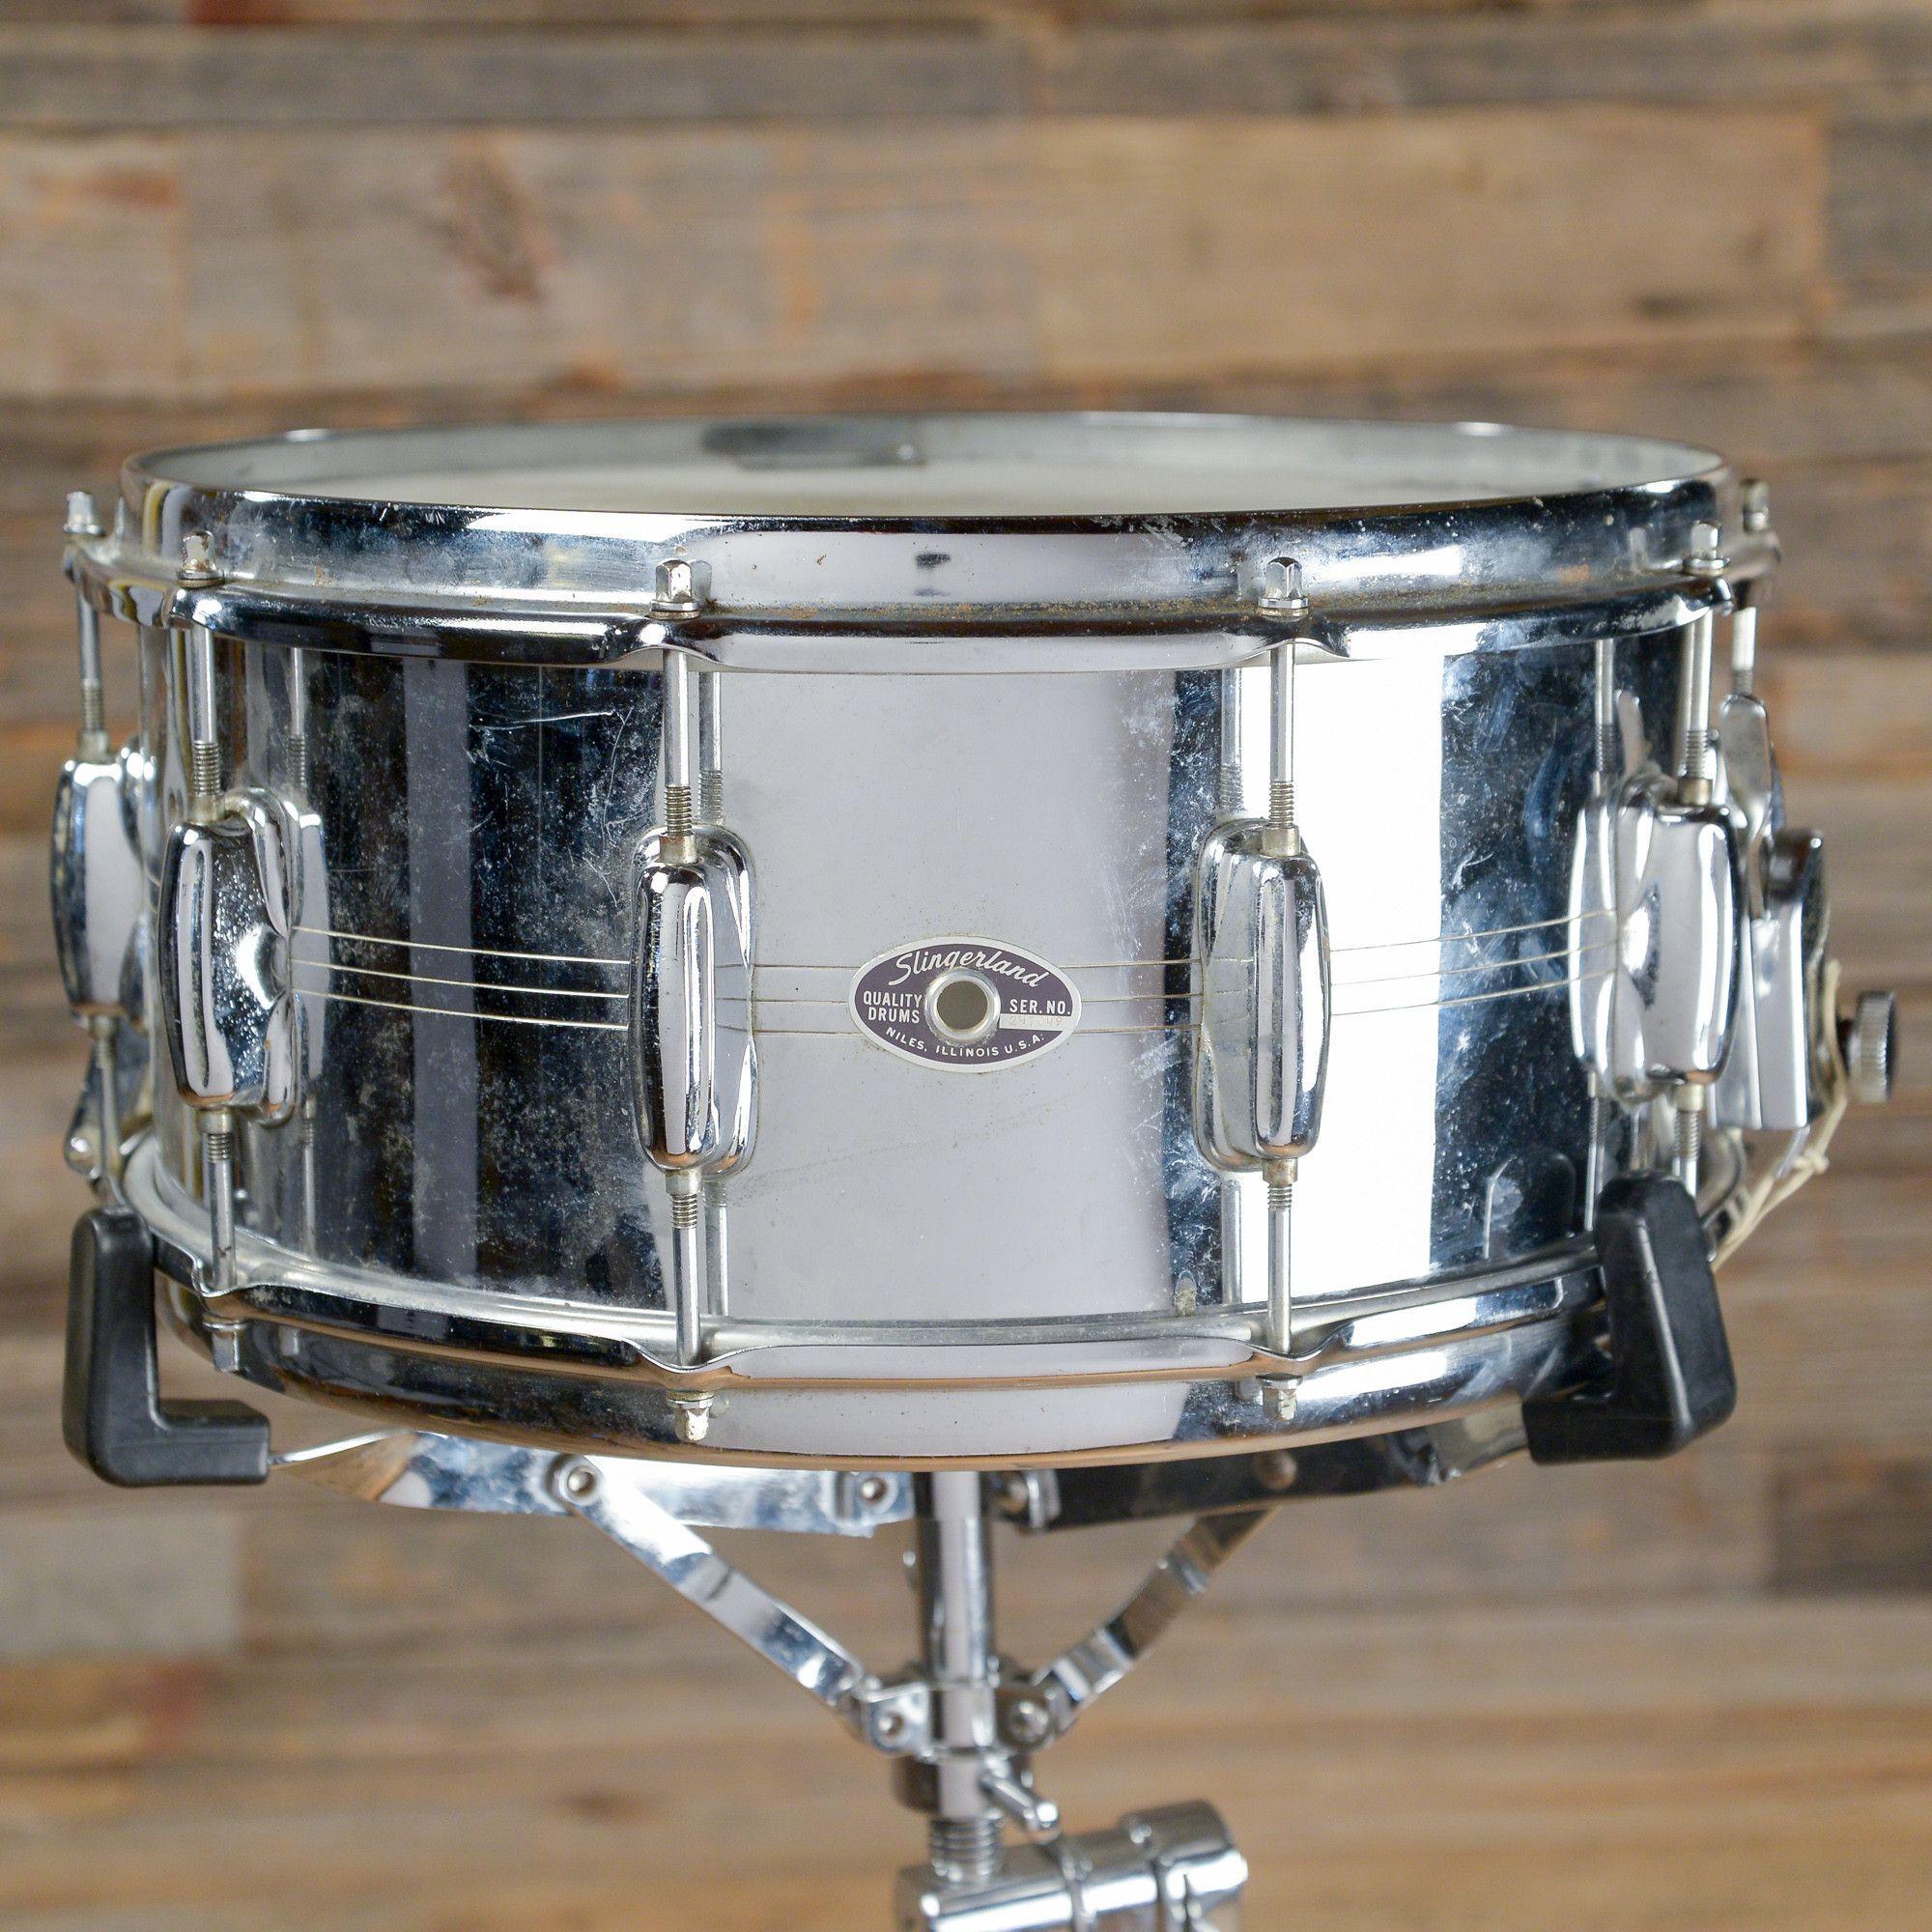 Slingerland 6.5x14 Gene Krupa Sound King 10 Lug COB Snare Drum 1970s ...